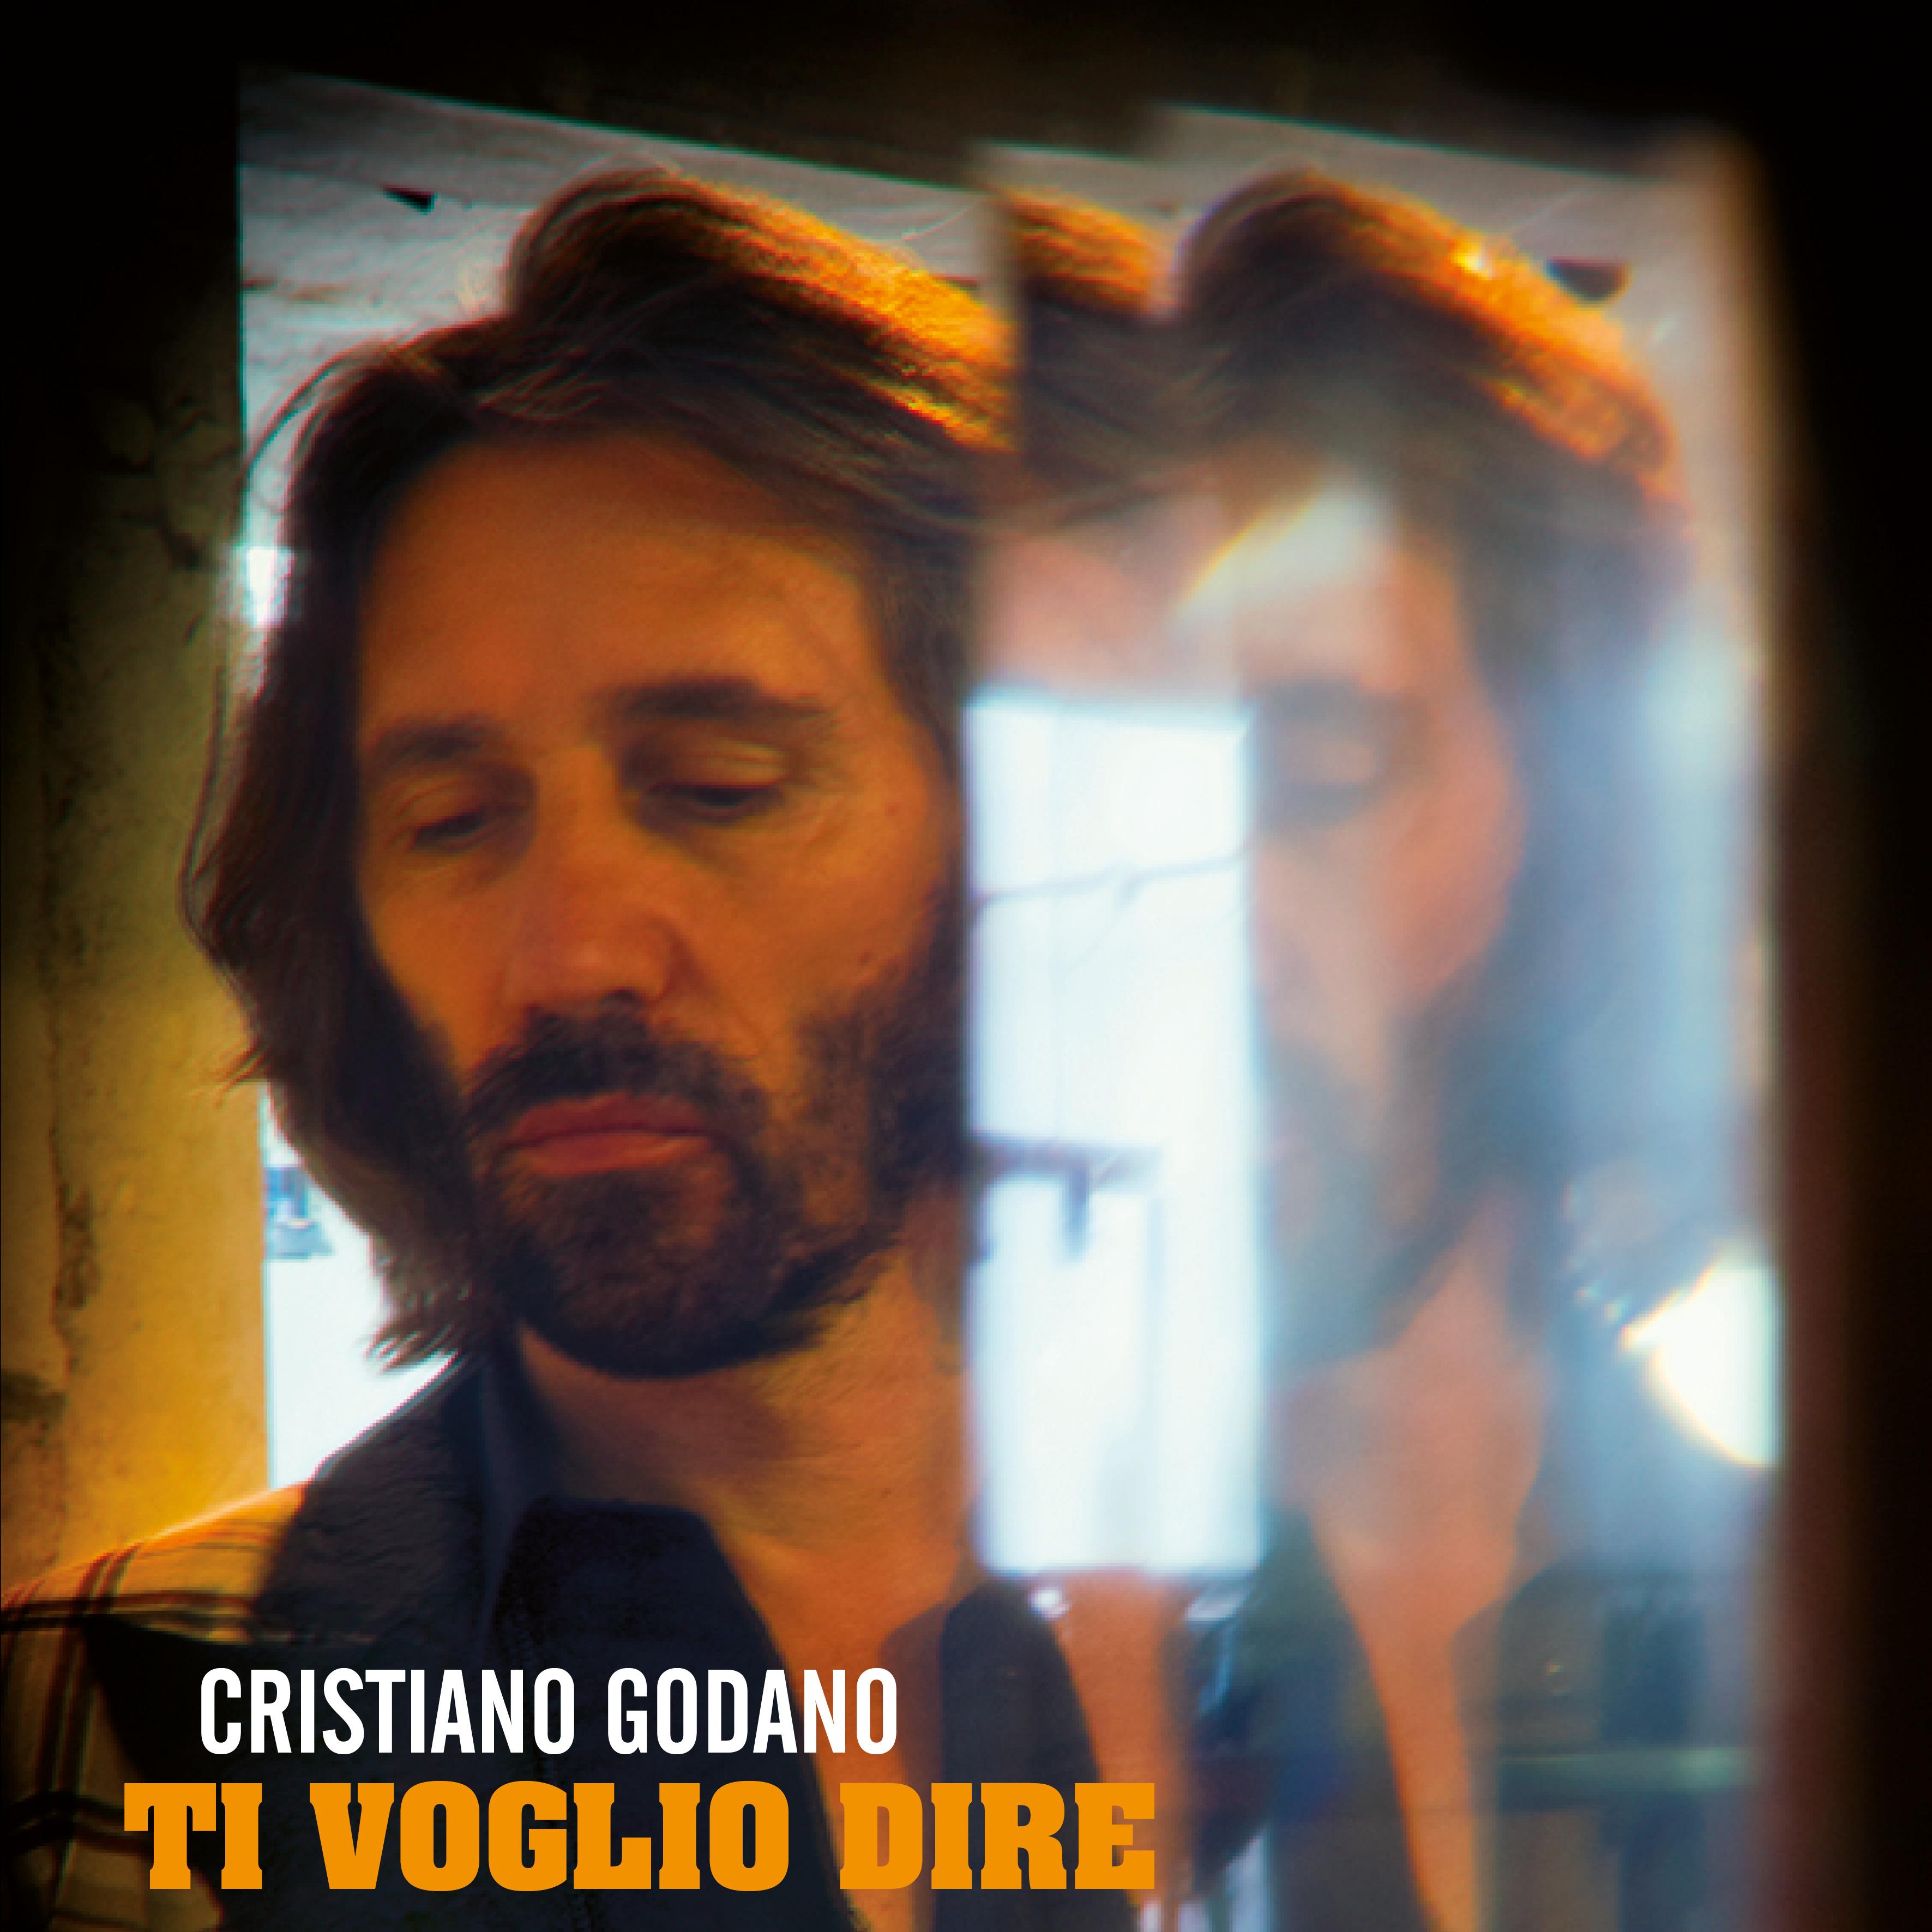 La cover del singolo di Cristiano Godano